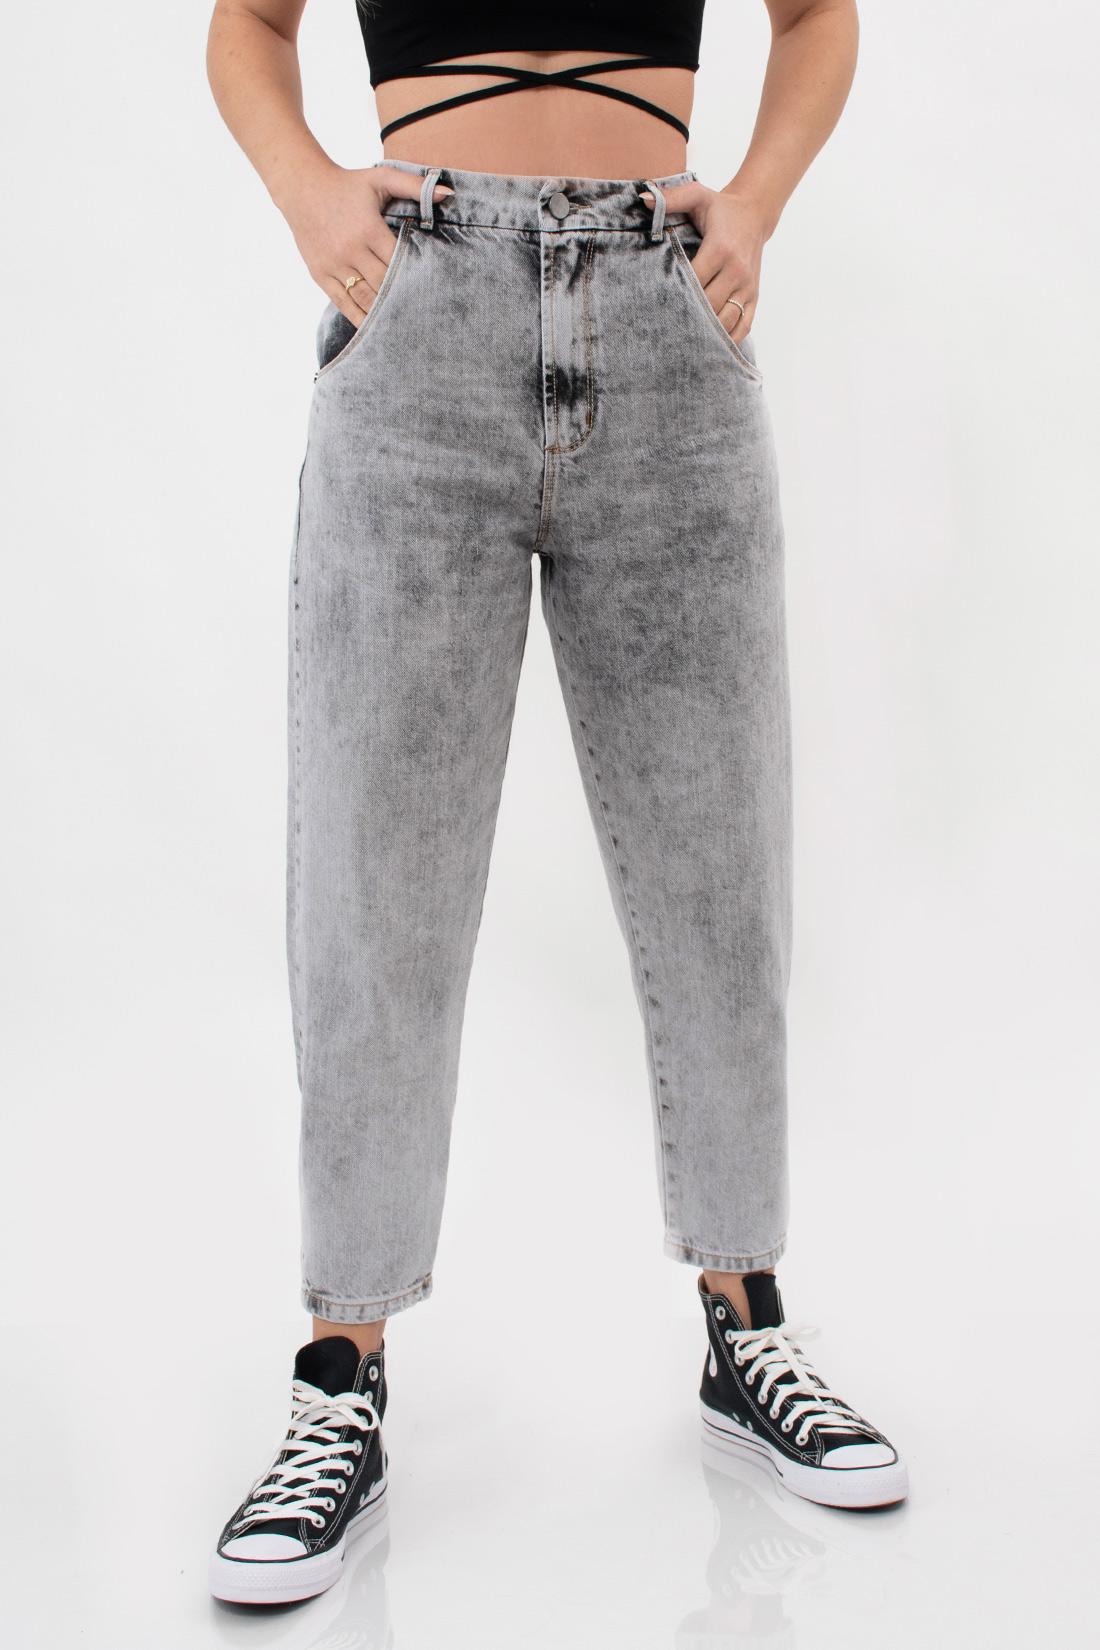 Calca Jeans Open Camila